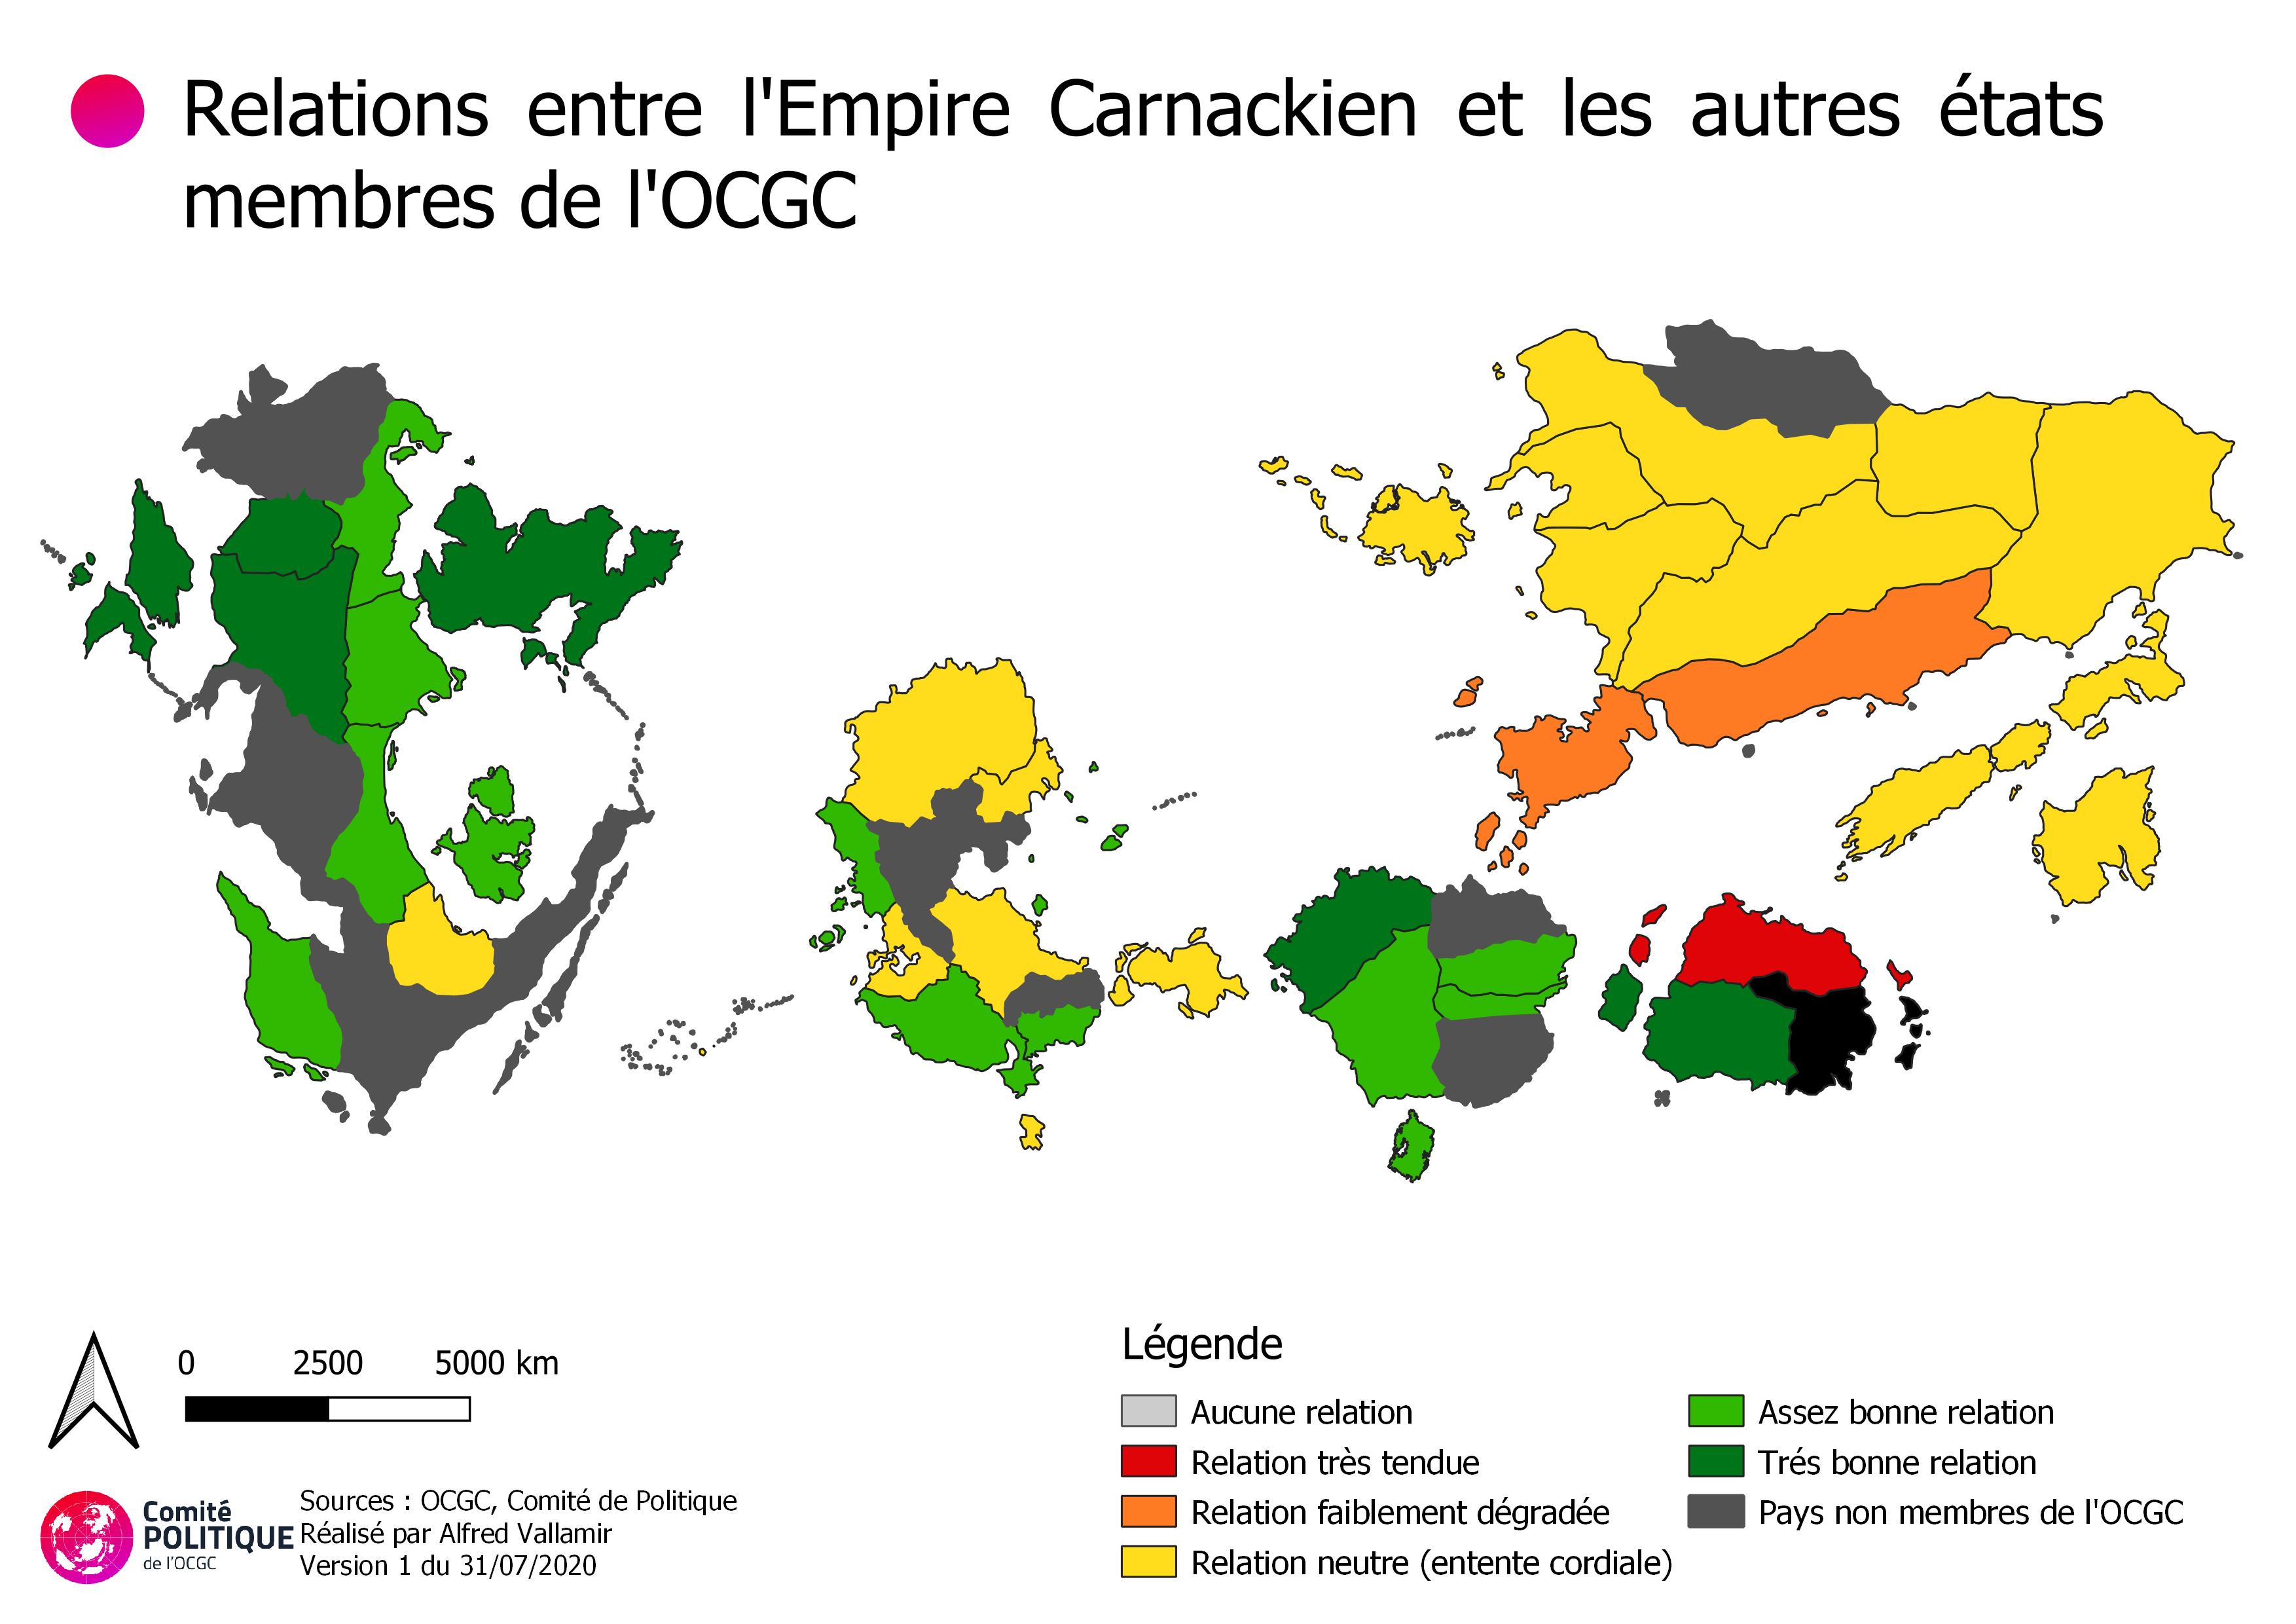 Atlas du comité de politique - L'édition 2021 disponible ! - Page 2 ComPol_Rel_Bil_Empire_Carnackien